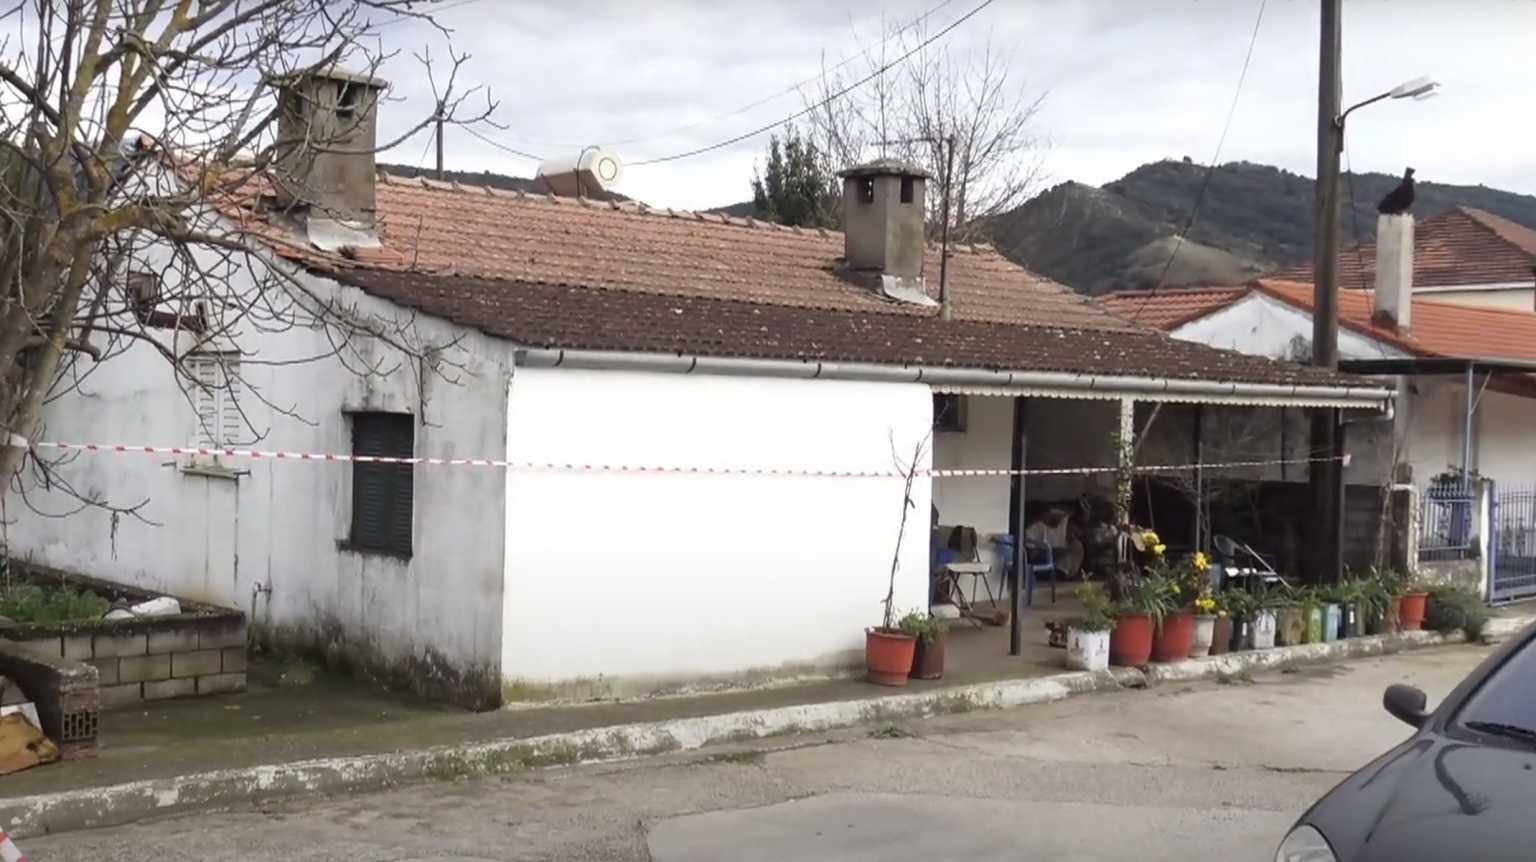 Αιτωλοακαρνανία: Ραγδαίες εξελίξεις για τη φονική ληστεία – Ένας συγγενής και δύο γείτονες φέρονται να ομολόγησαν τα πάντα